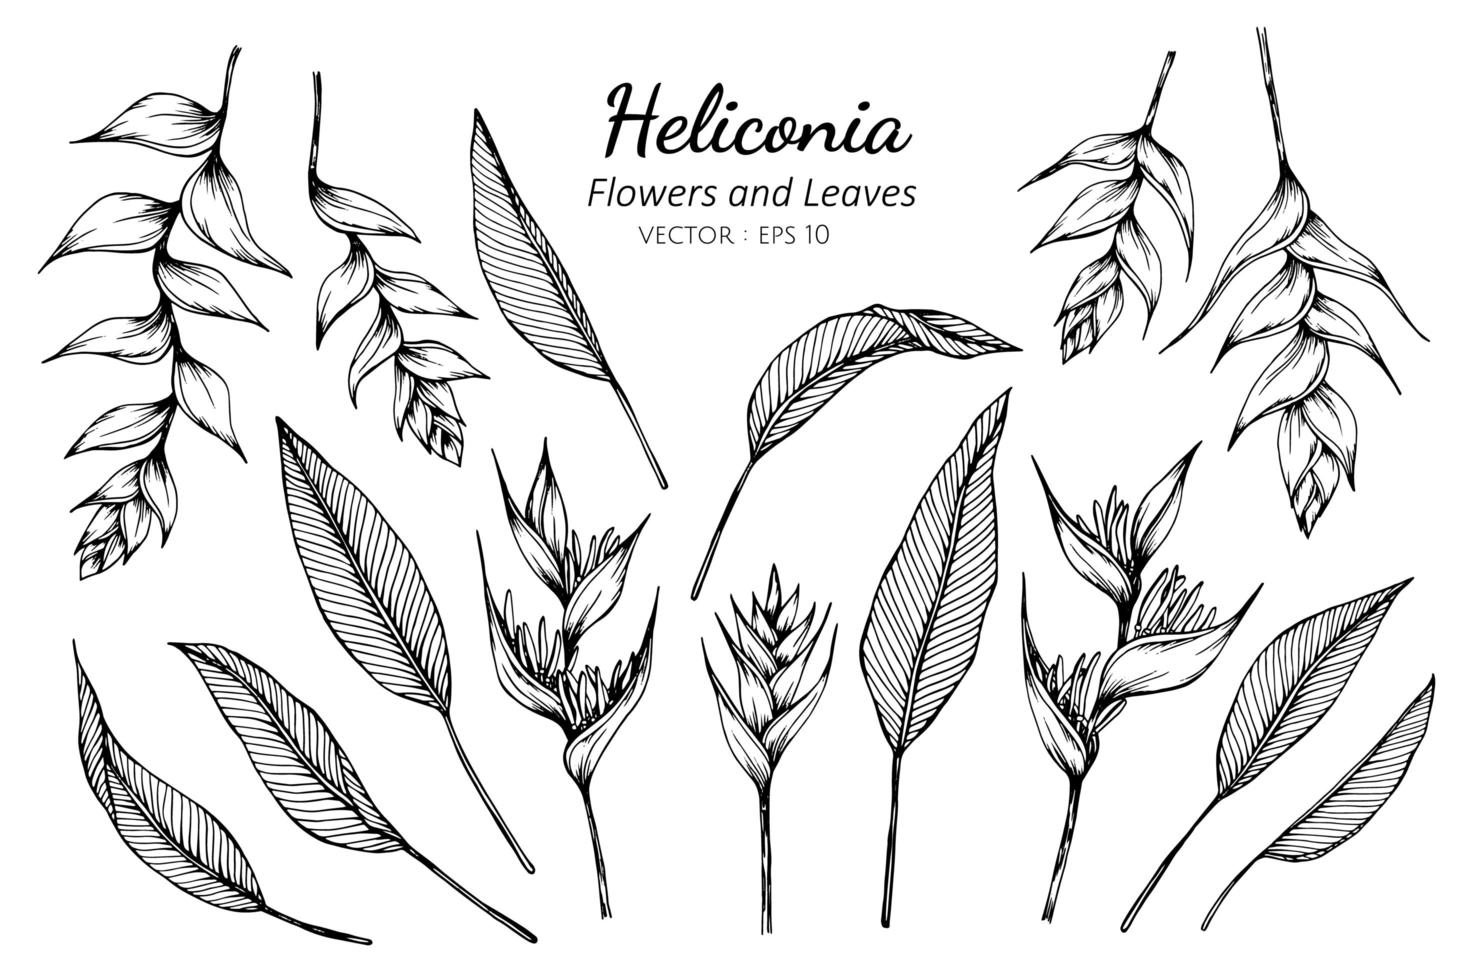 Sammlung von Heliconia Blüten und Blättern vektor